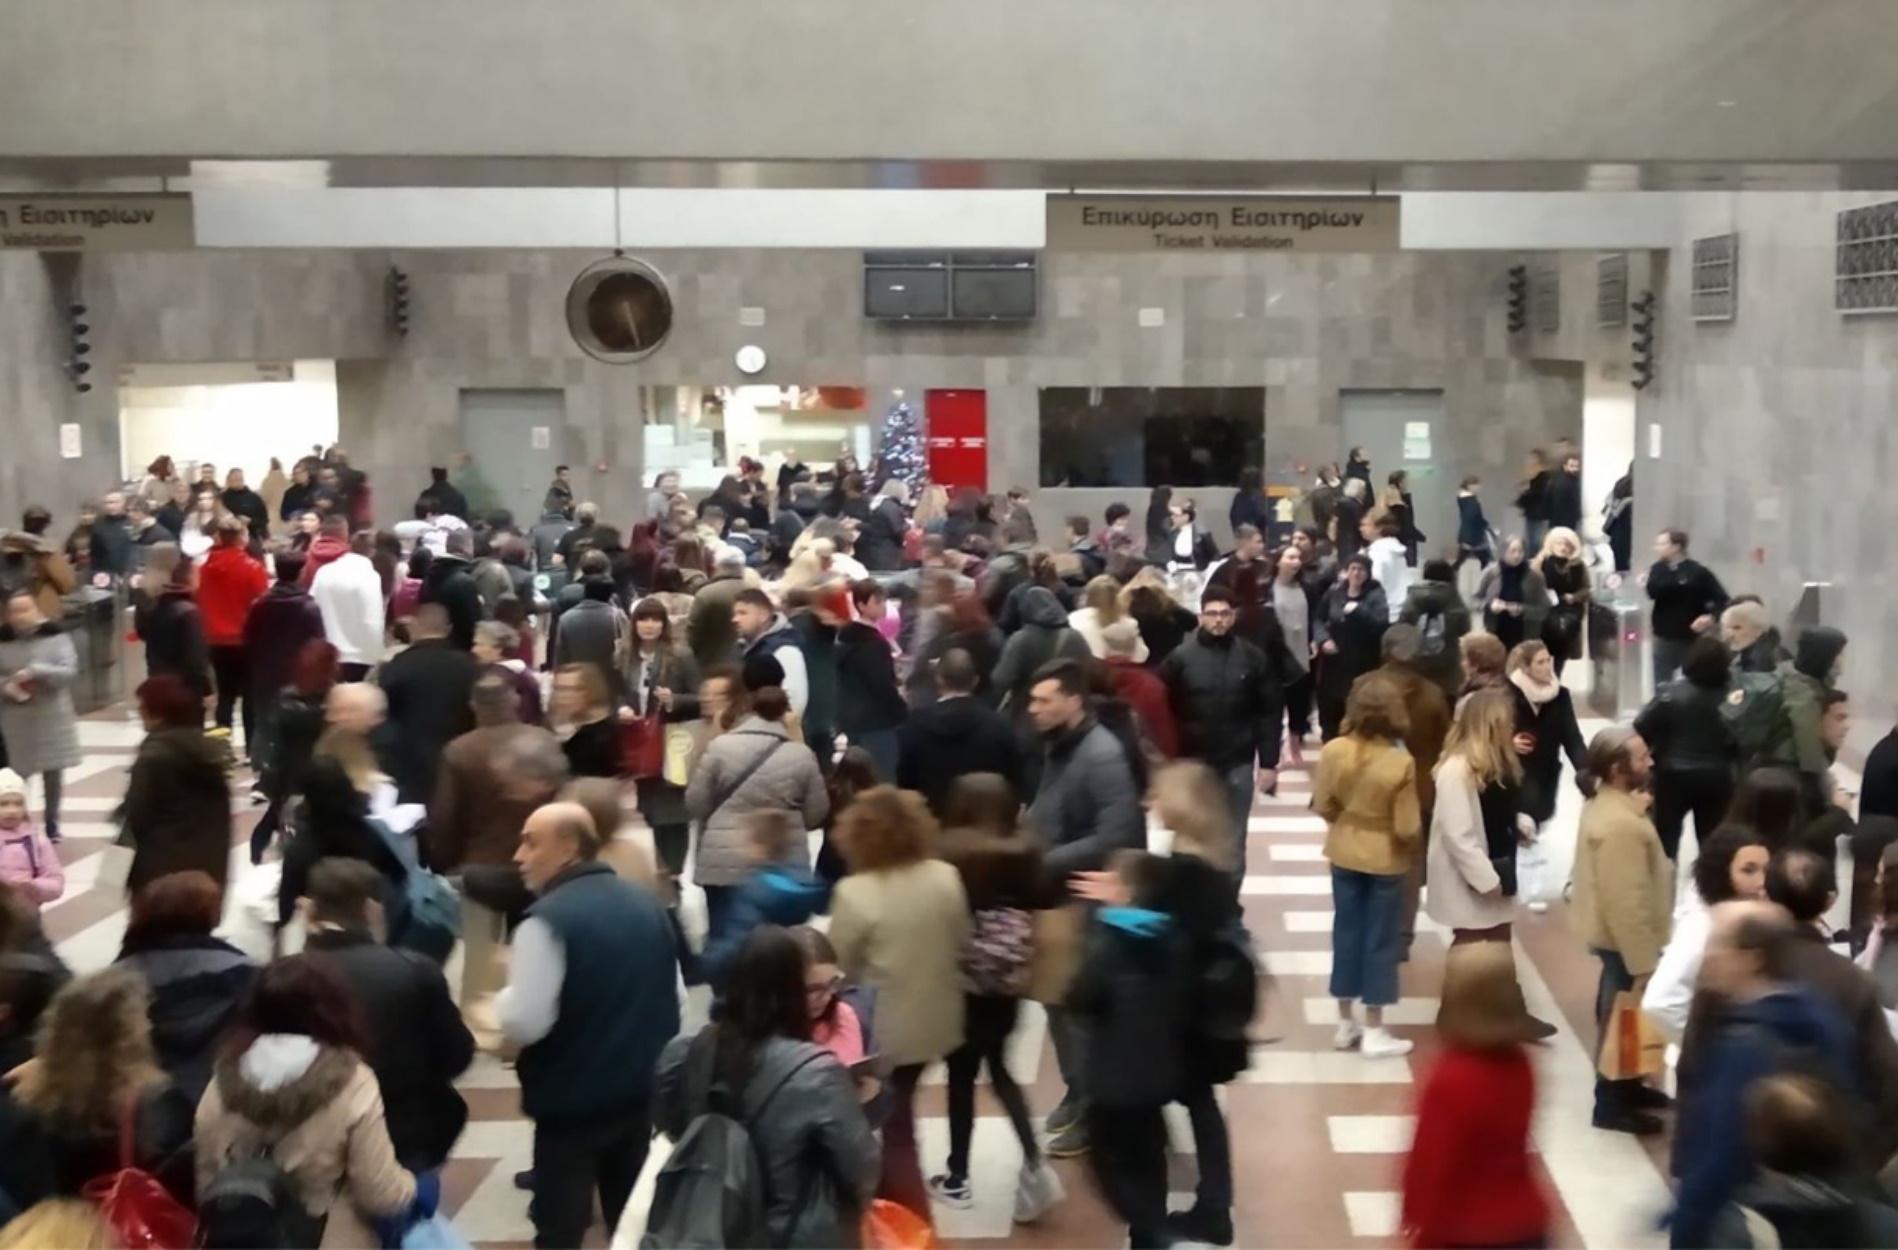 Χαμός στο σταθμό μετρό στο Σύνταγμα – Πως κινούνται μετρό, λεωφορεία και ηλεκτρικός